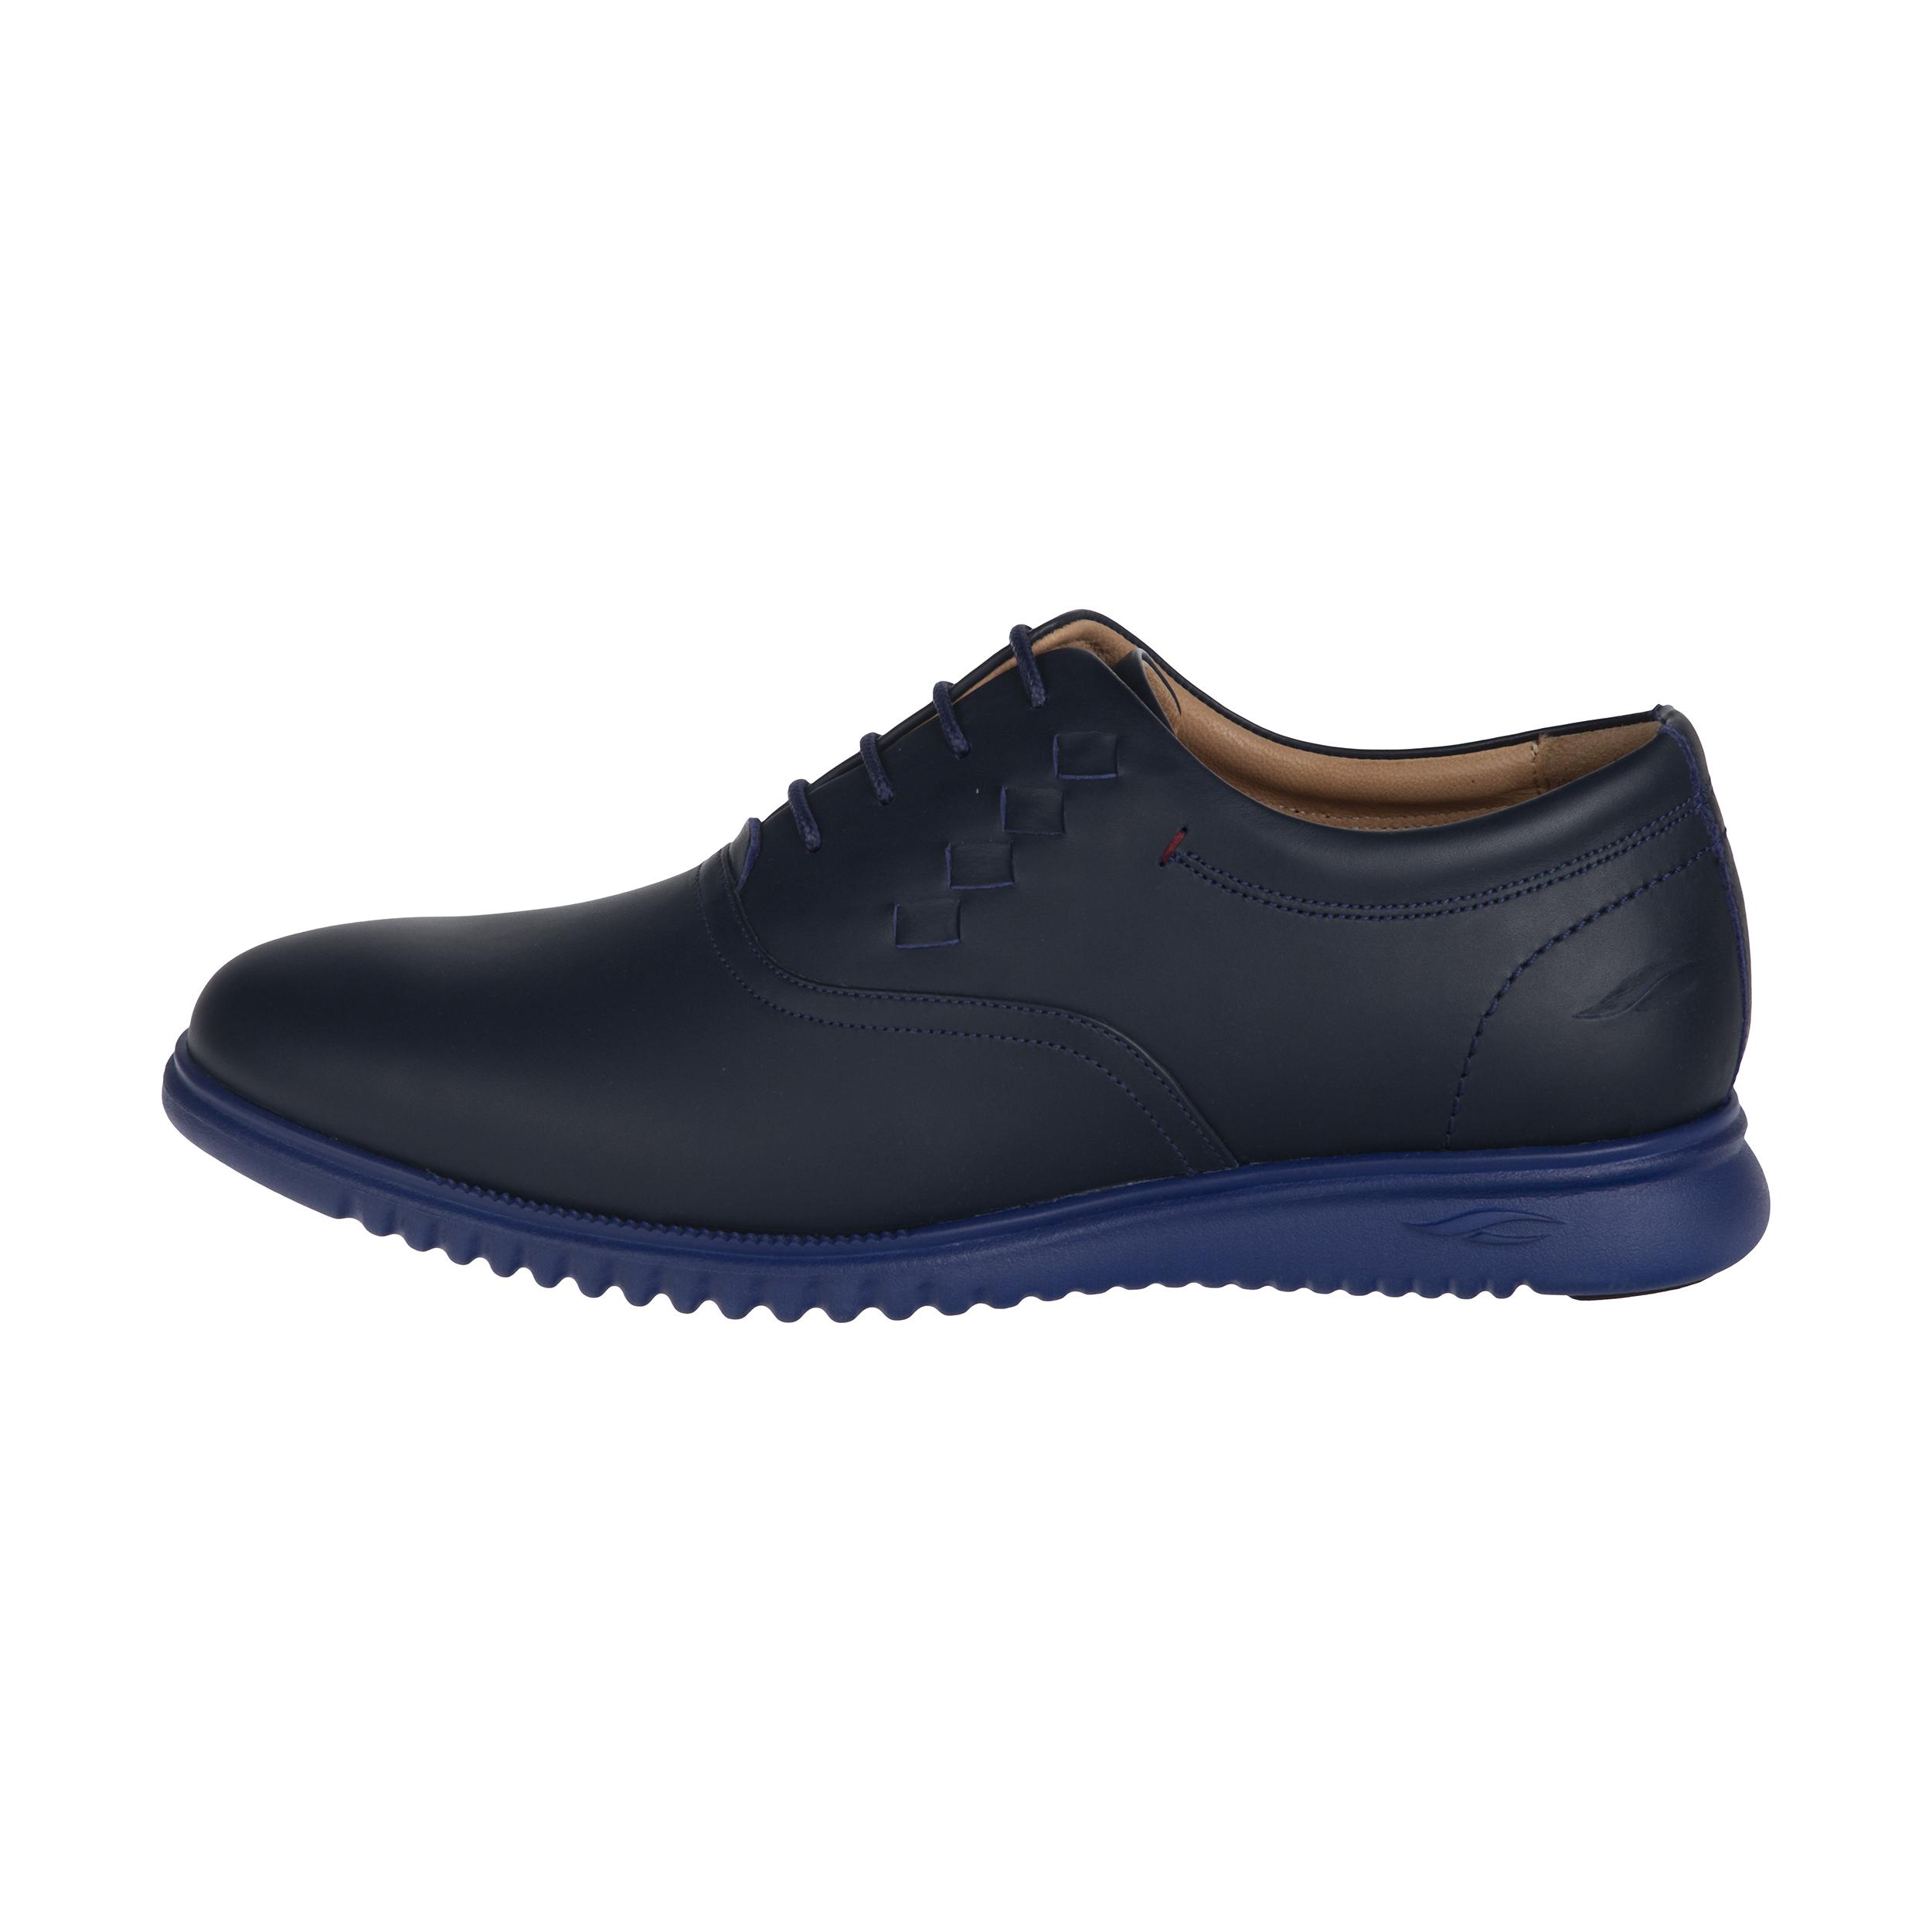 کفش روزمره مردانه آراد کد 12900306